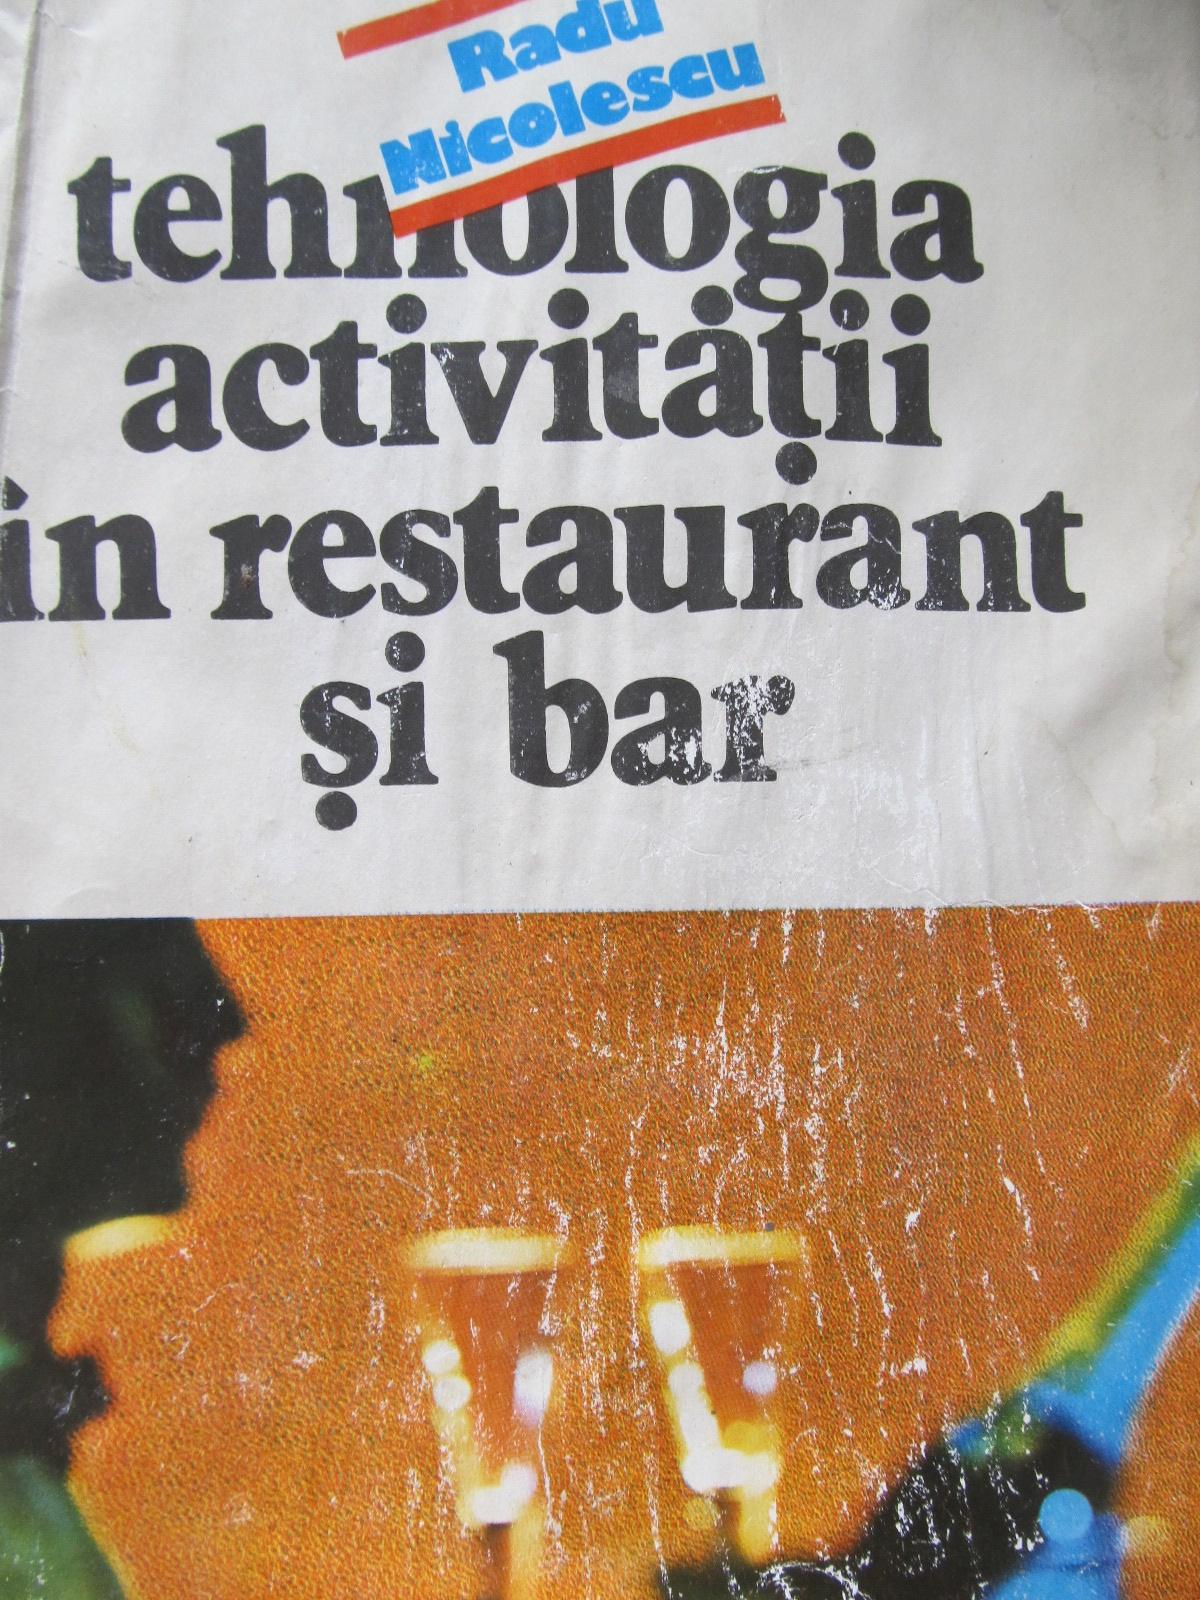 Tehnologia activitatii in restaurant si bar - Radu Nicolescu | Detalii carte